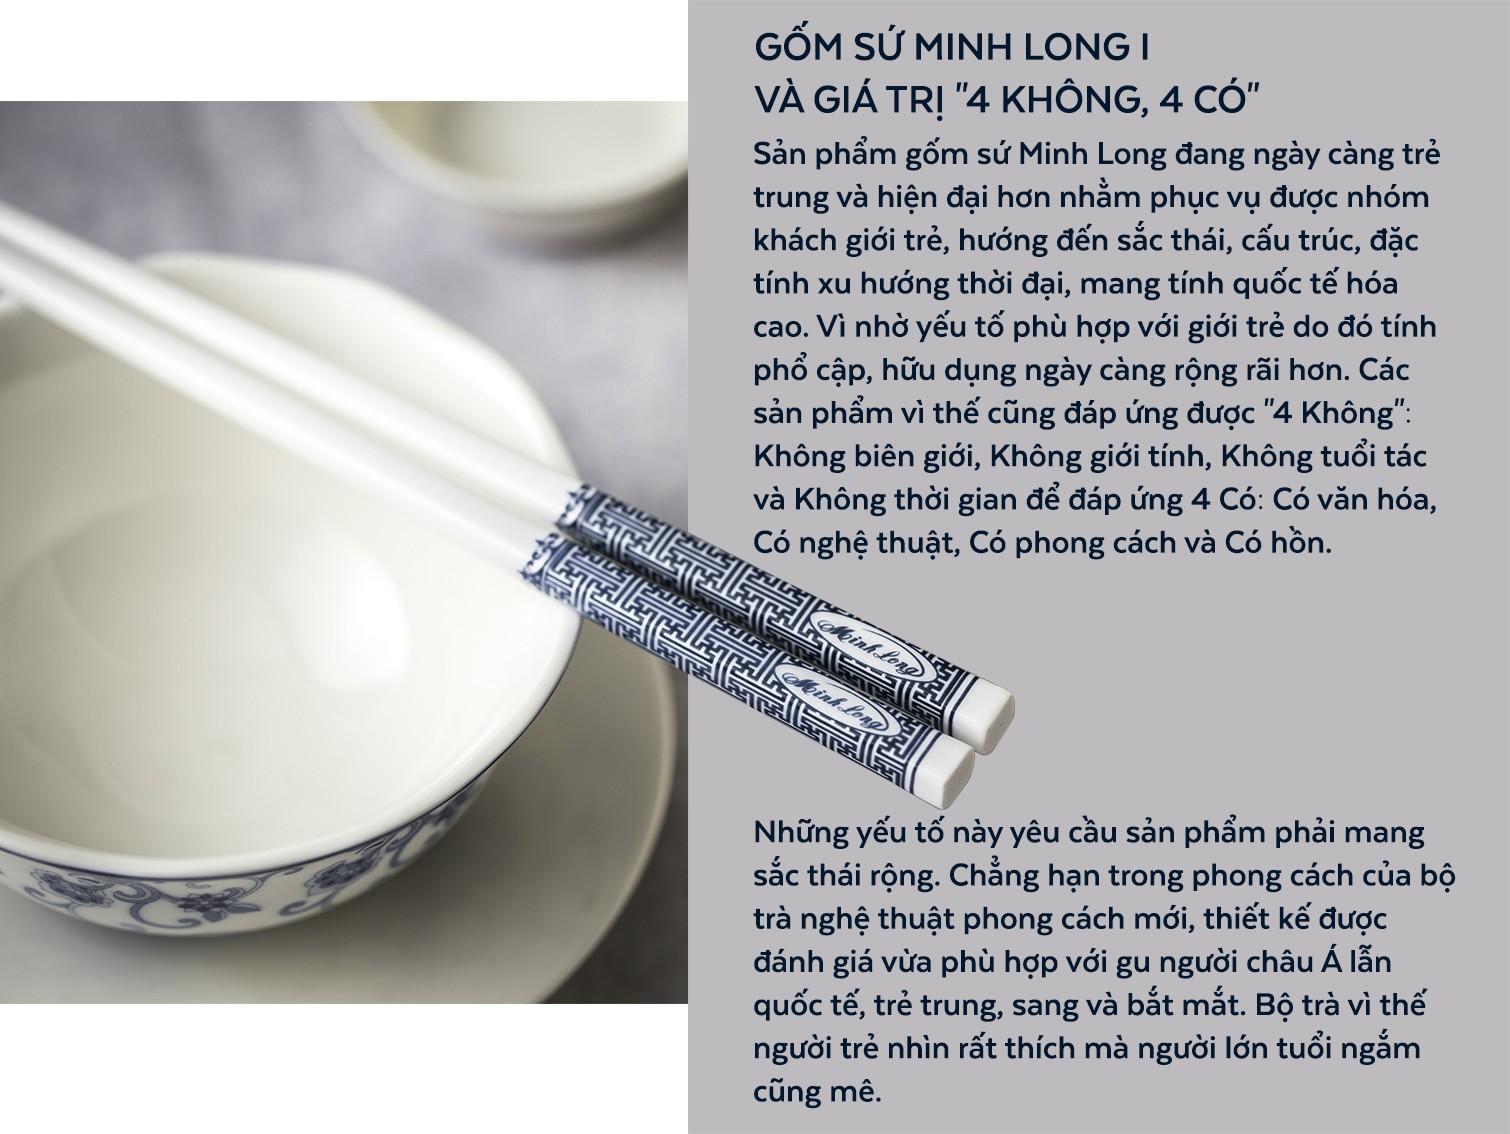 Khám phá những sản phẩm gốm sứ Việt sáng tạo, khác biệt - Ảnh 6.